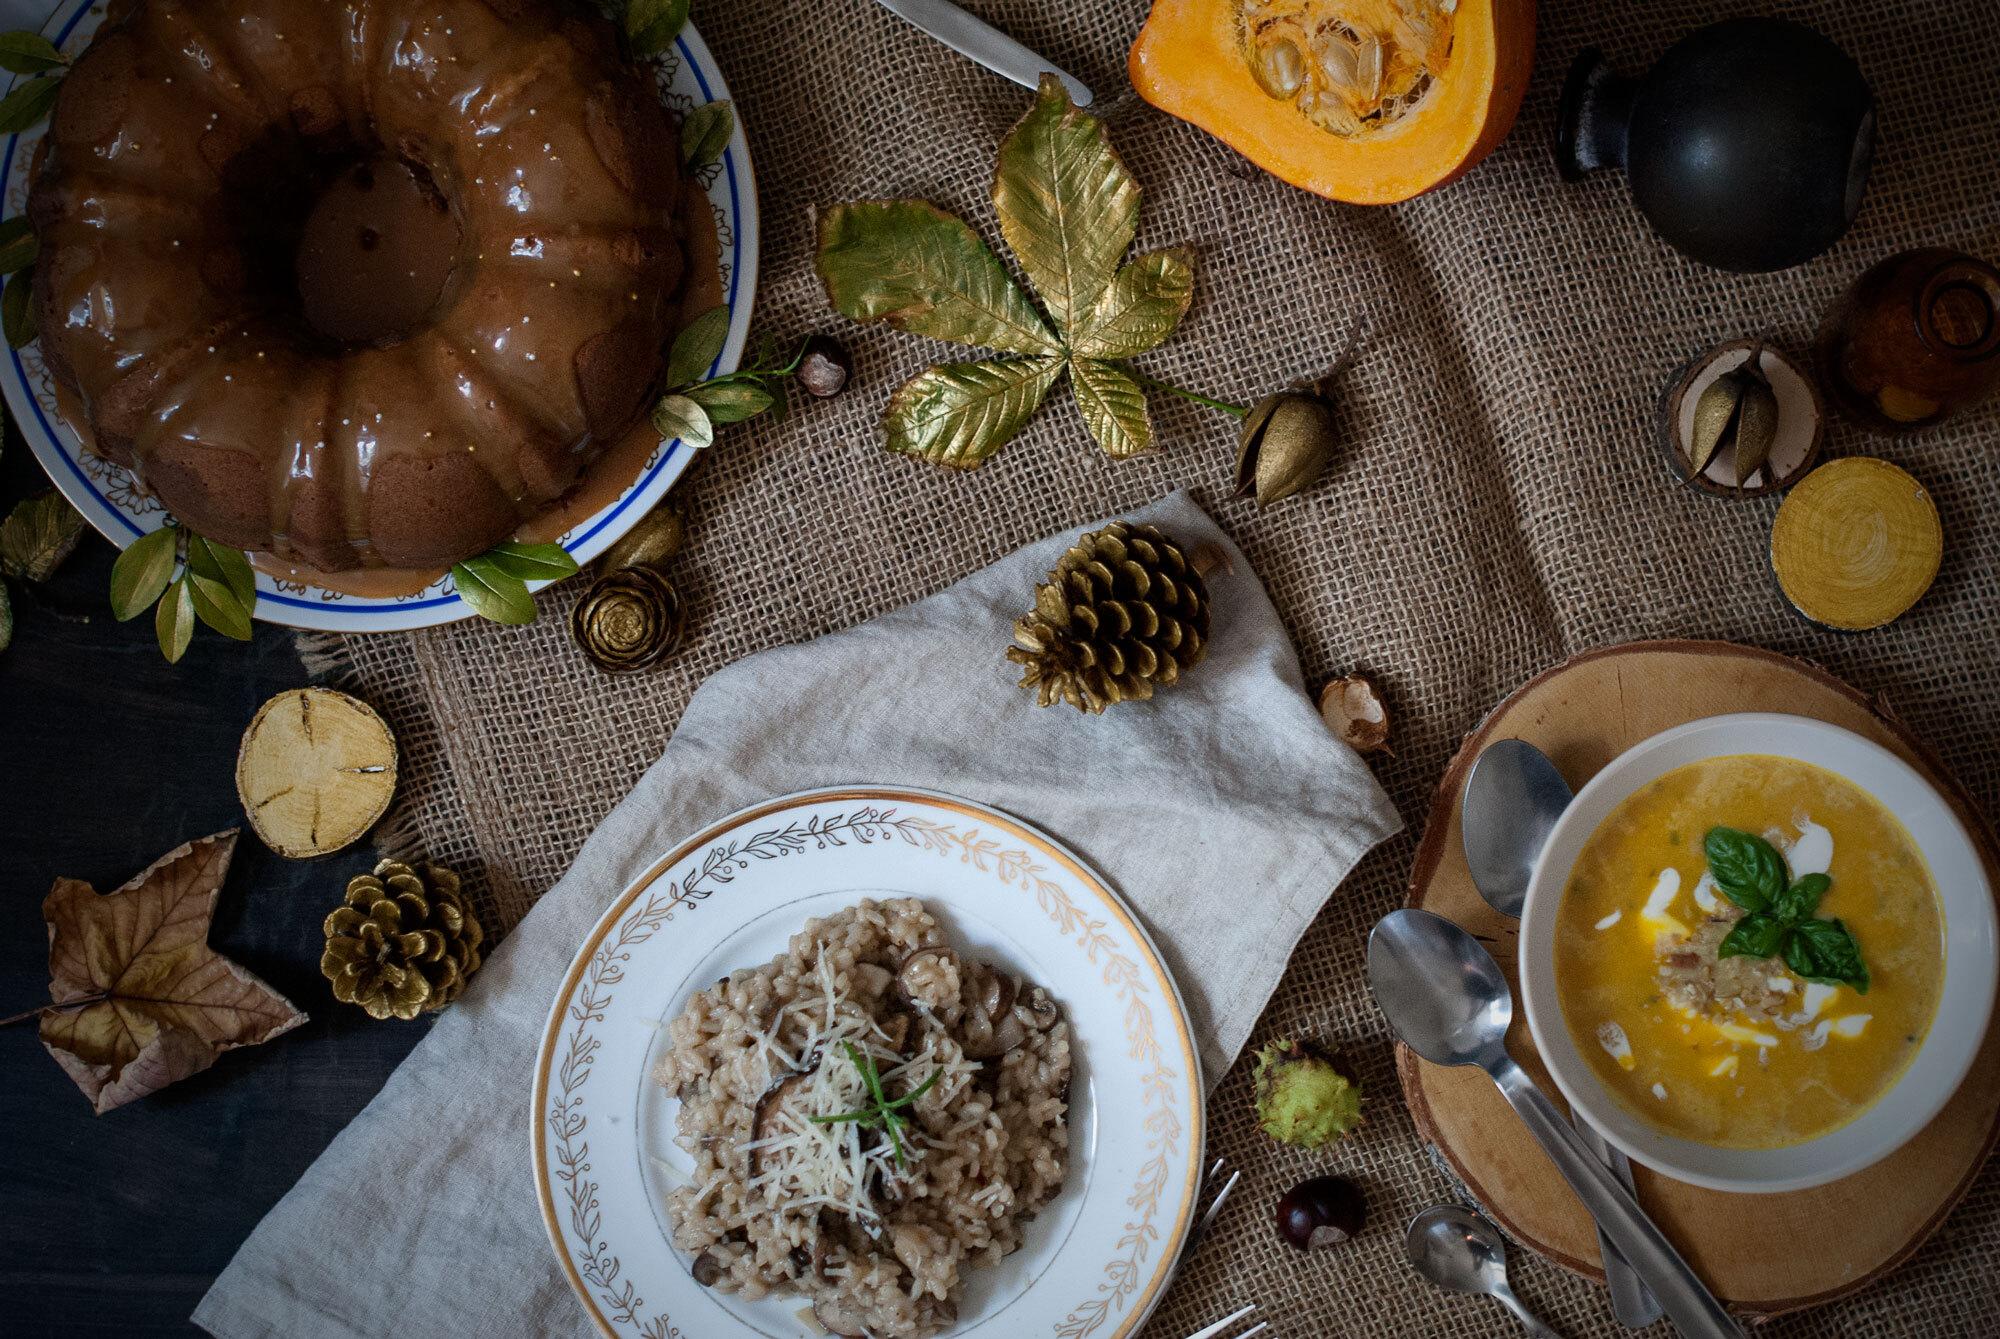 Moje ideálne jesenné menu - Hokaido polievka, rizoto z lesných hríbov a vanilkovo-kávová bábovka so slaným karamelom